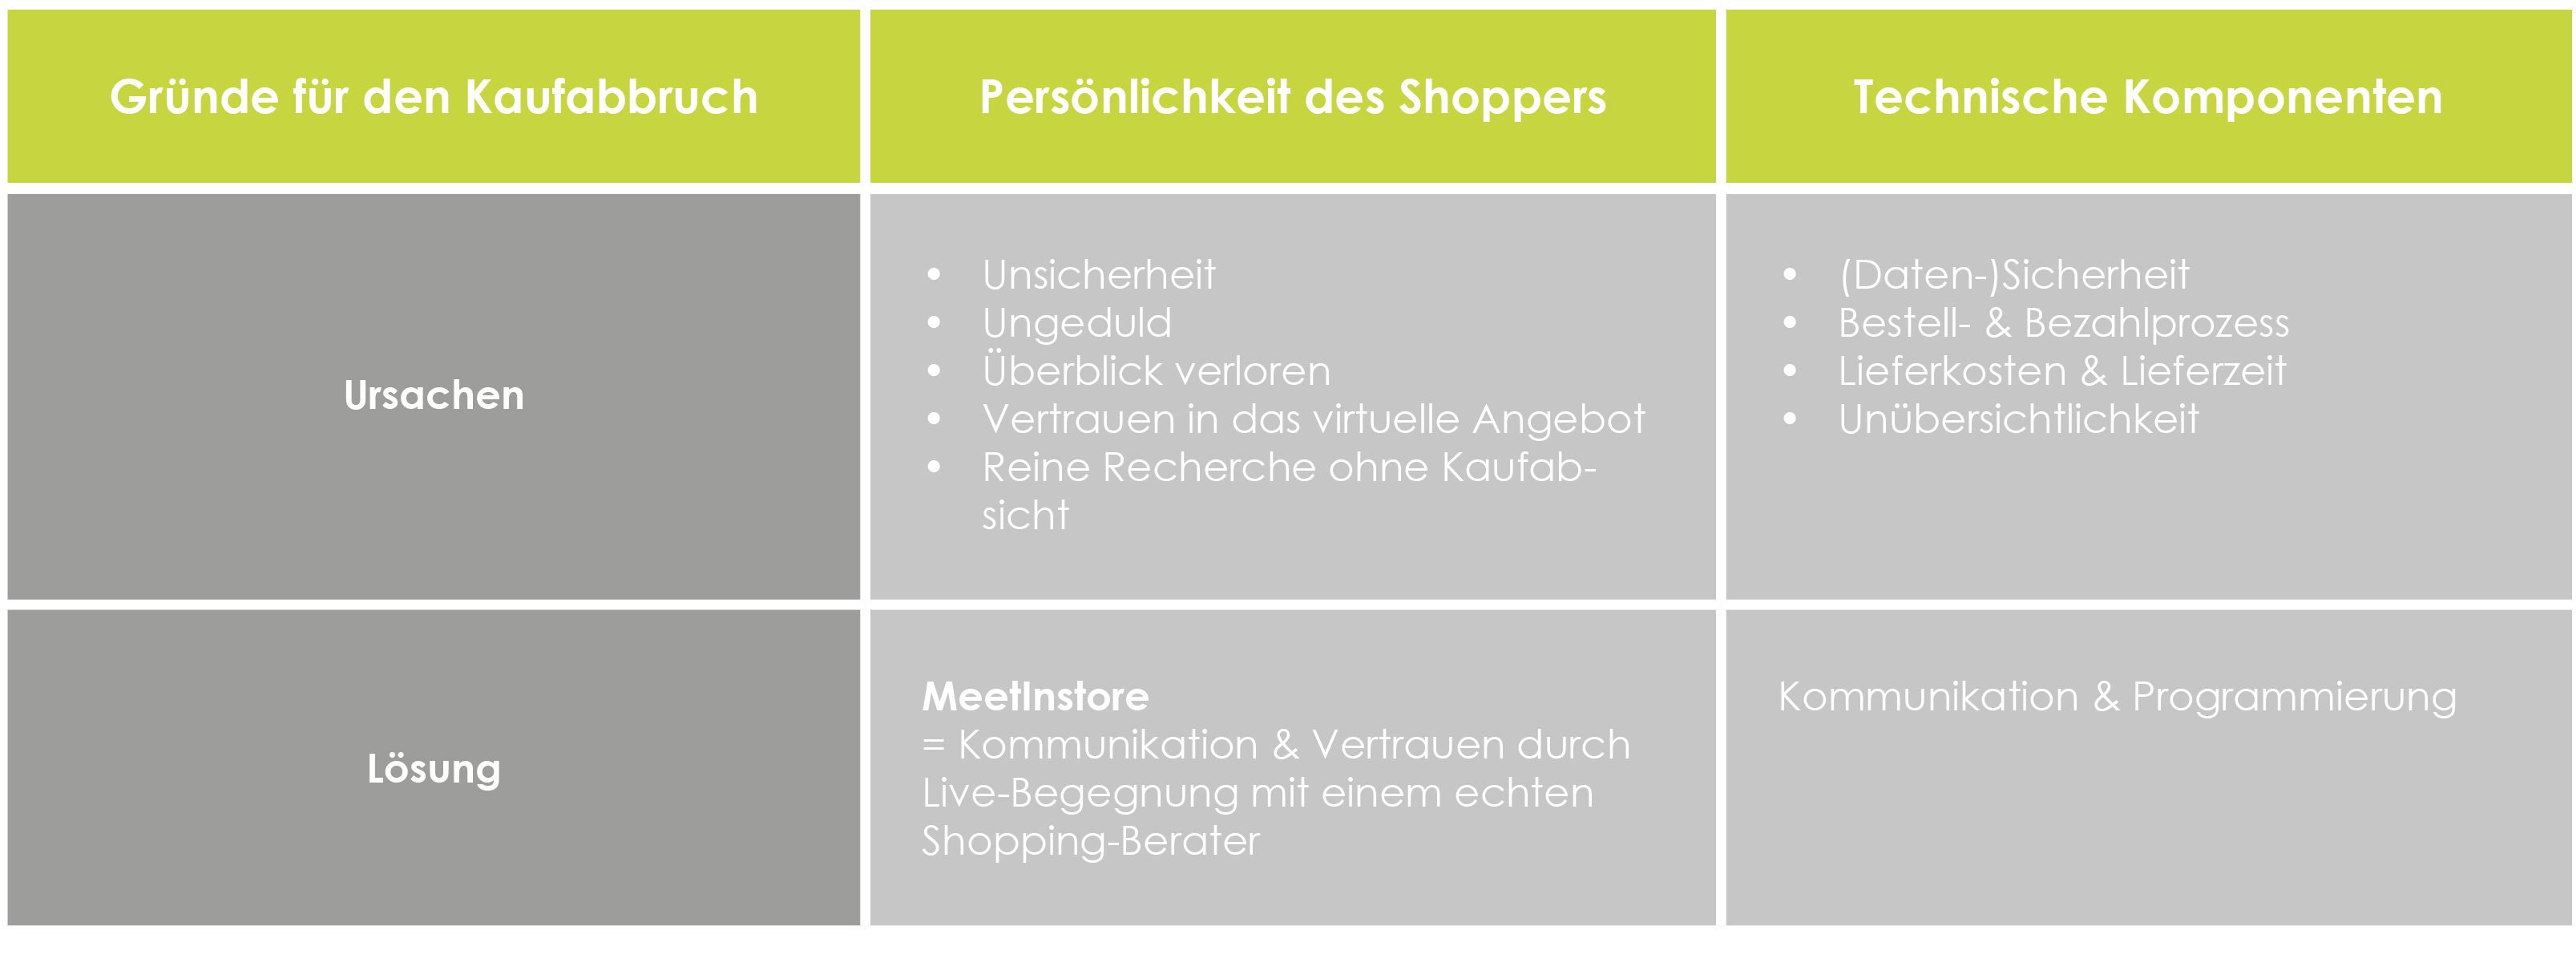 Die Psychologie des Kaufabbruchs